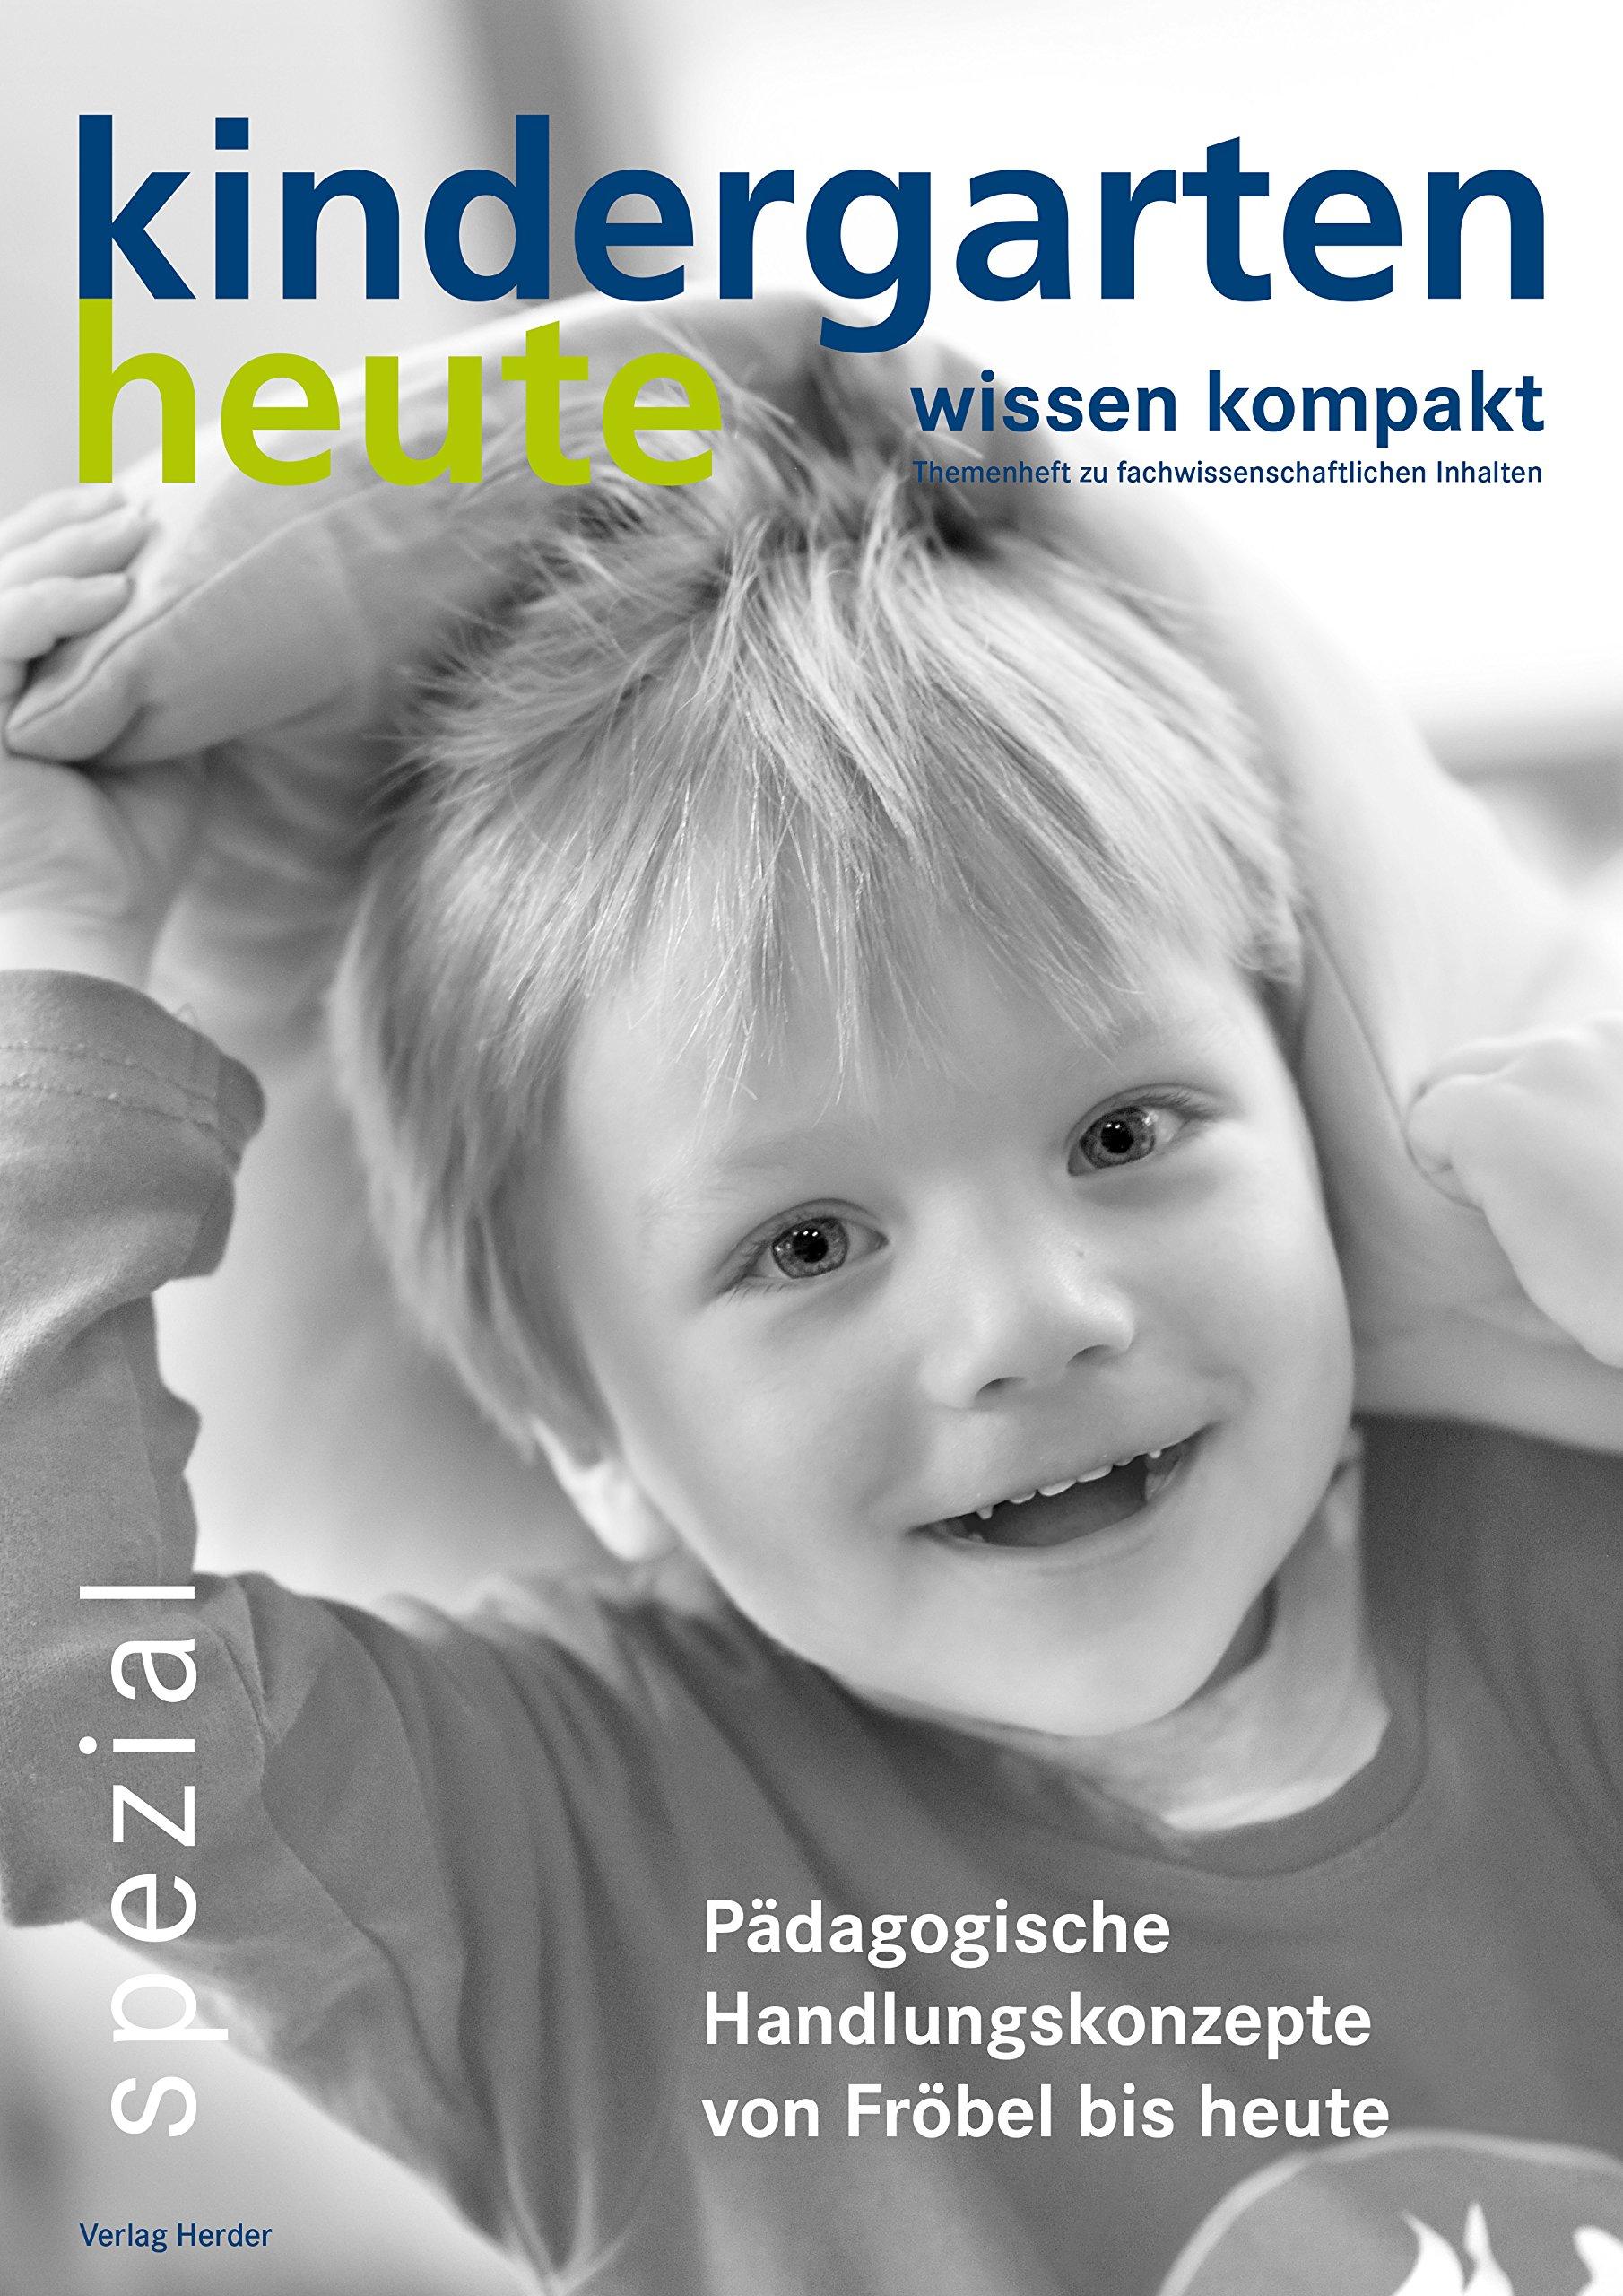 Pädagogische Handlungskonzepte von Fröbel bis heute (kindergarten heute - wissen kompakt / Themenheft zu fachwissenschaftlichen Inhalten)